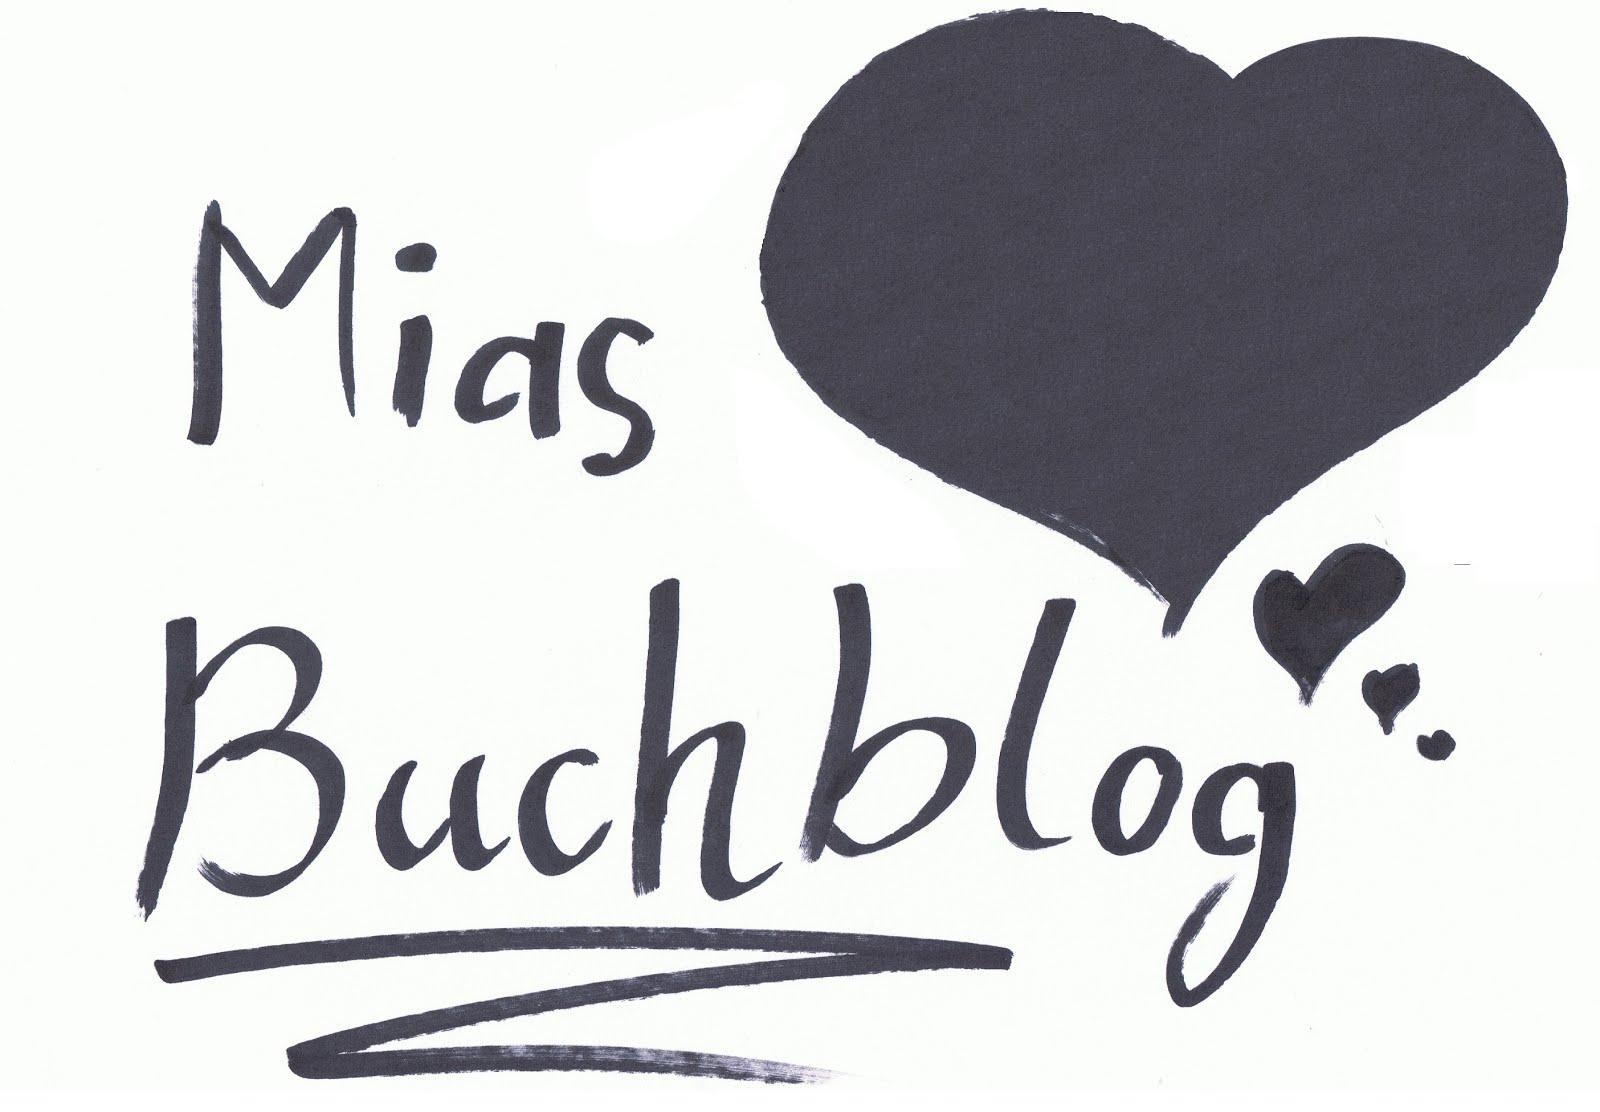 Miasbuchblog